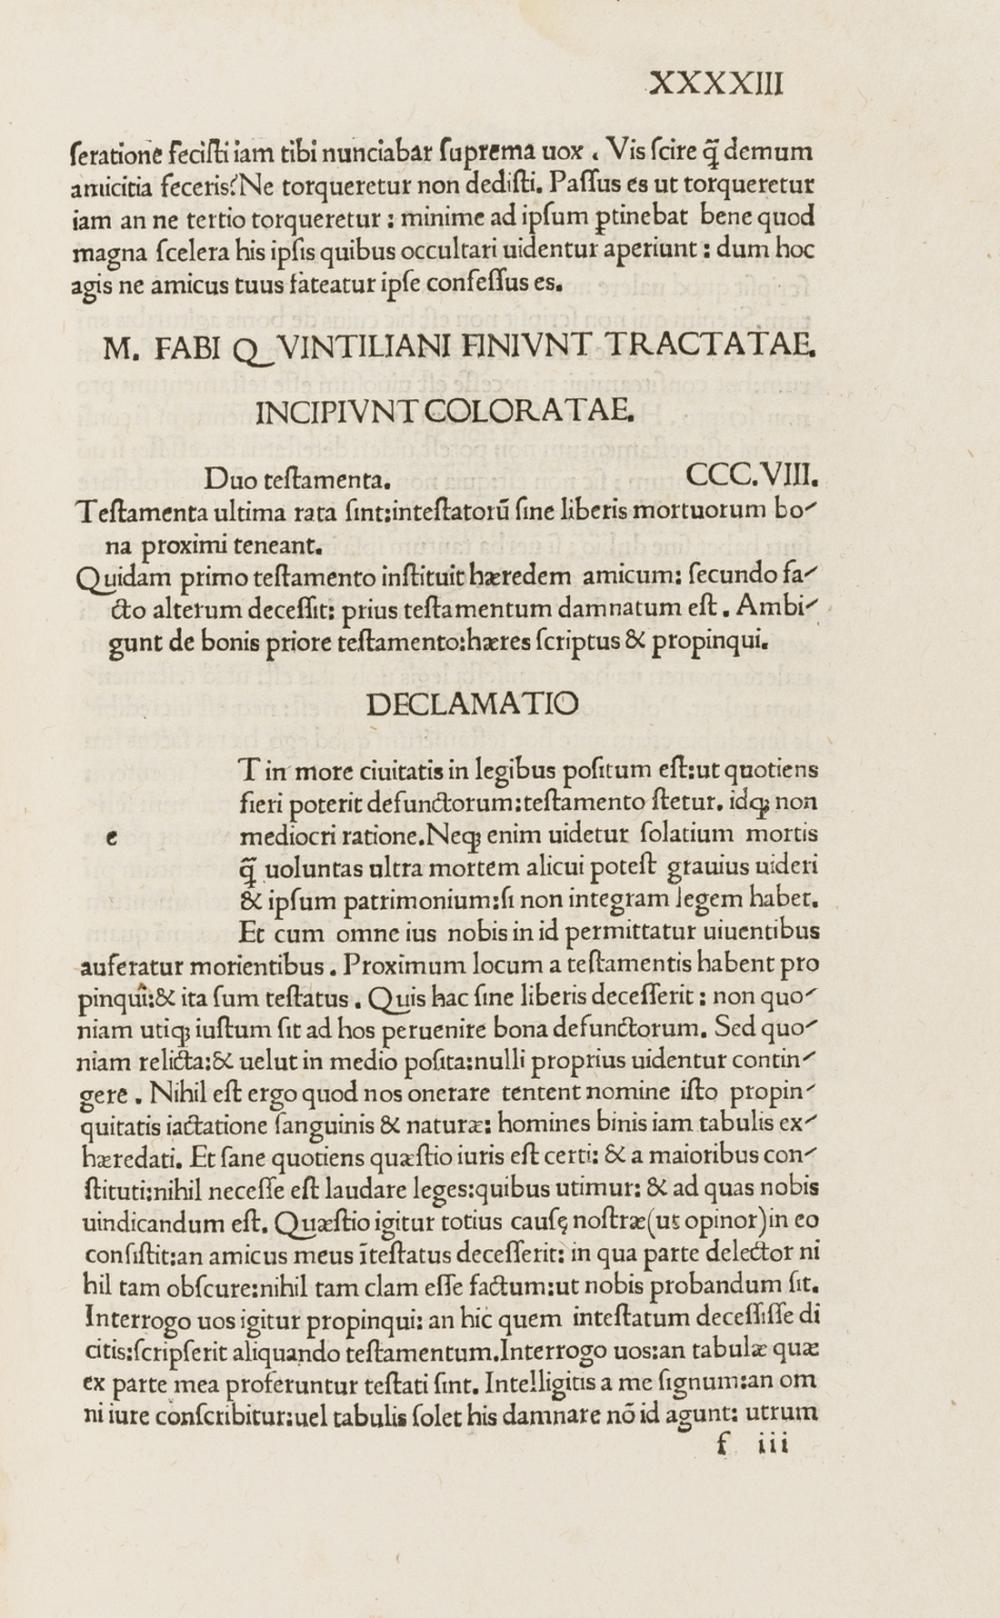 Quintilianus (Marcus Fabius) Declamationes Minores, rare editio princeps of these 136 Declamationes, Parma, Angelus Ugoletus, 1494.